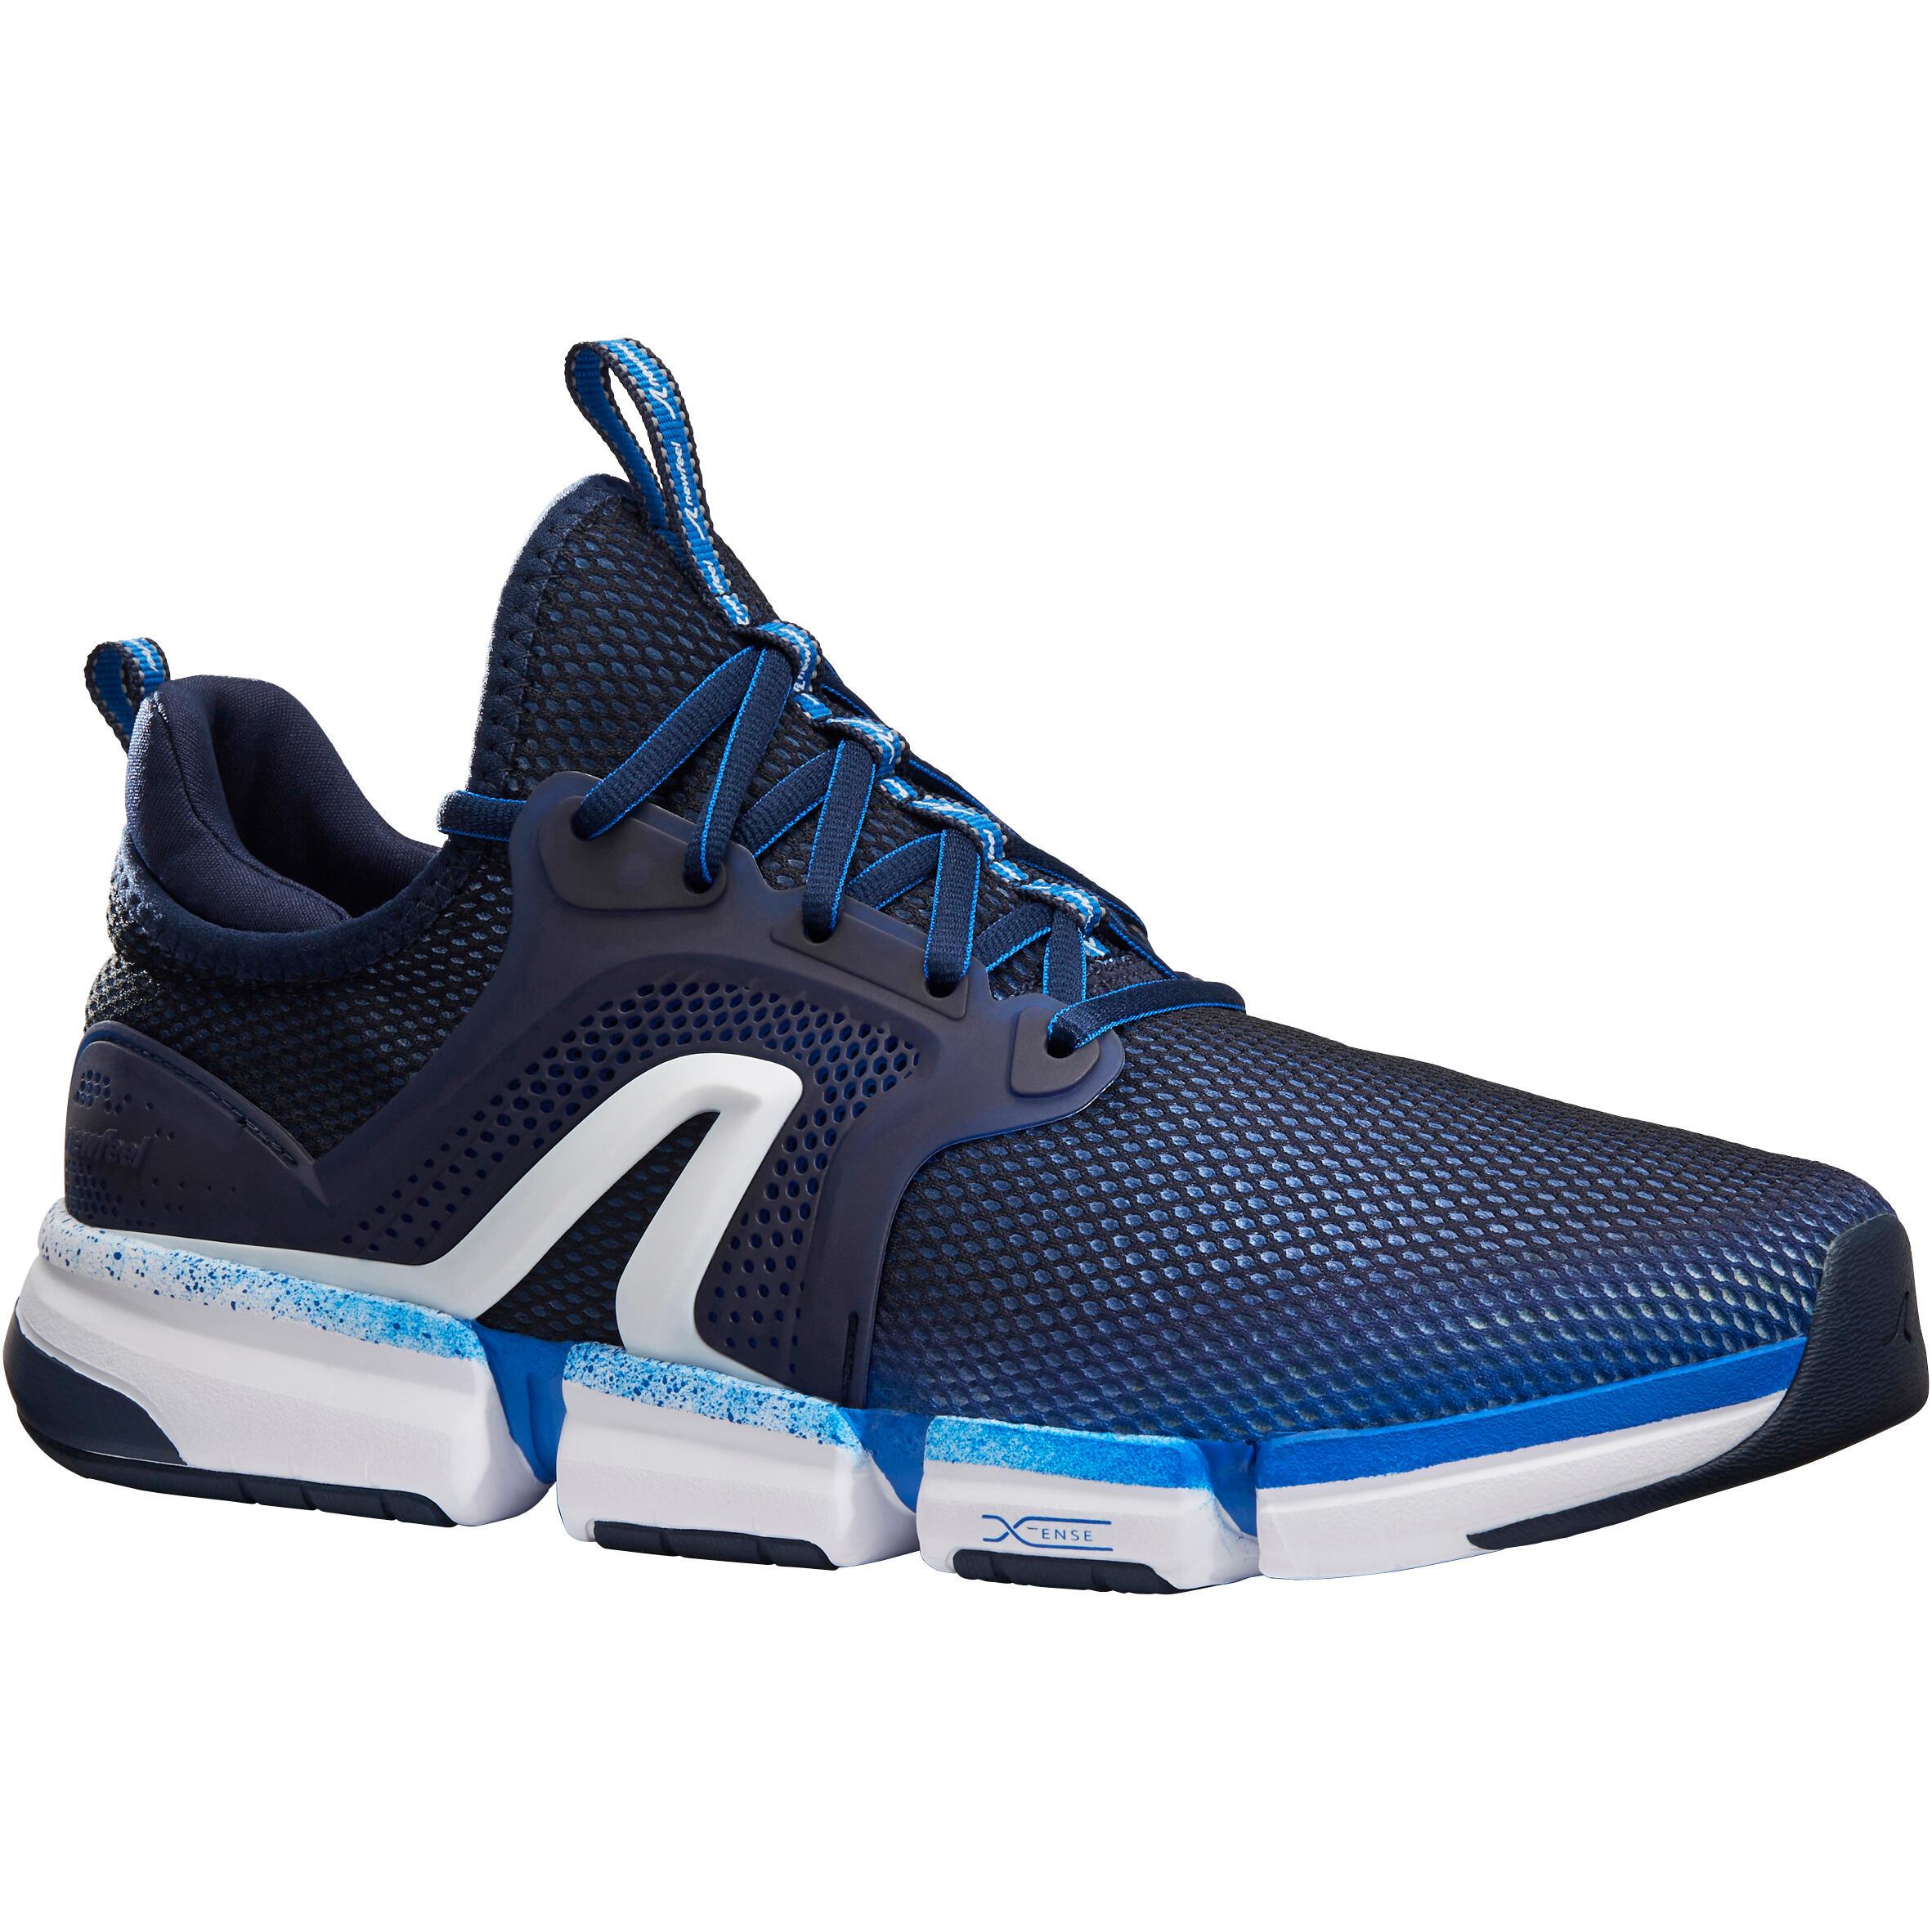 Newfeel Herensneakers voor sportief wandelen PW 590 Xtense